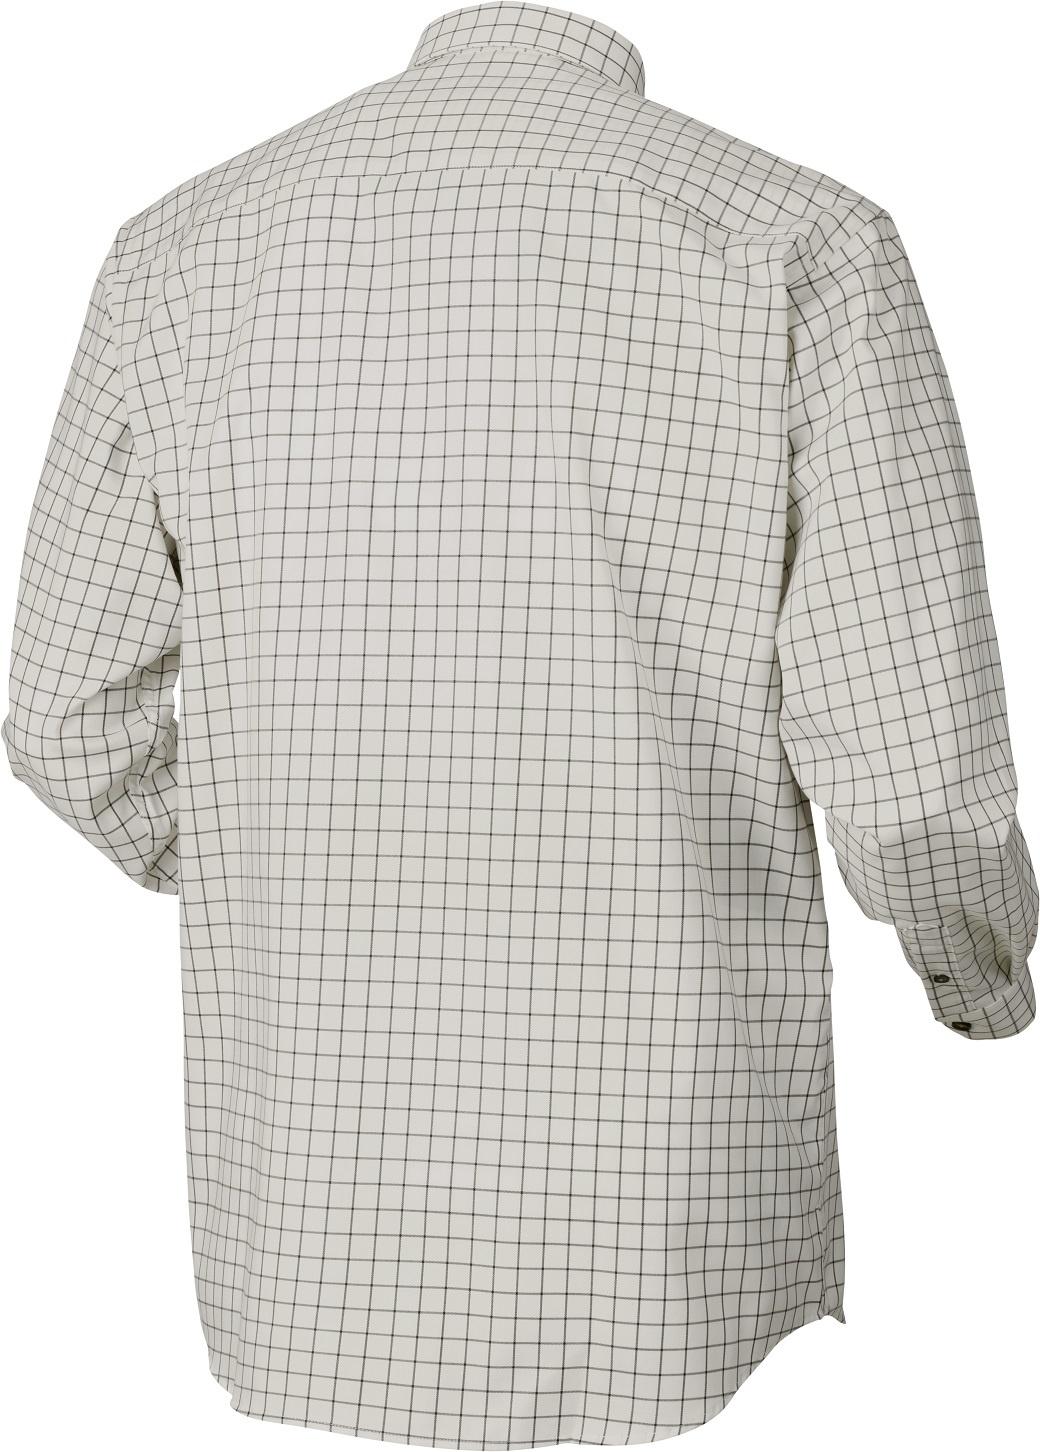 Härkila Stenstorp Shirt Dark Apple Check Button-Under-2